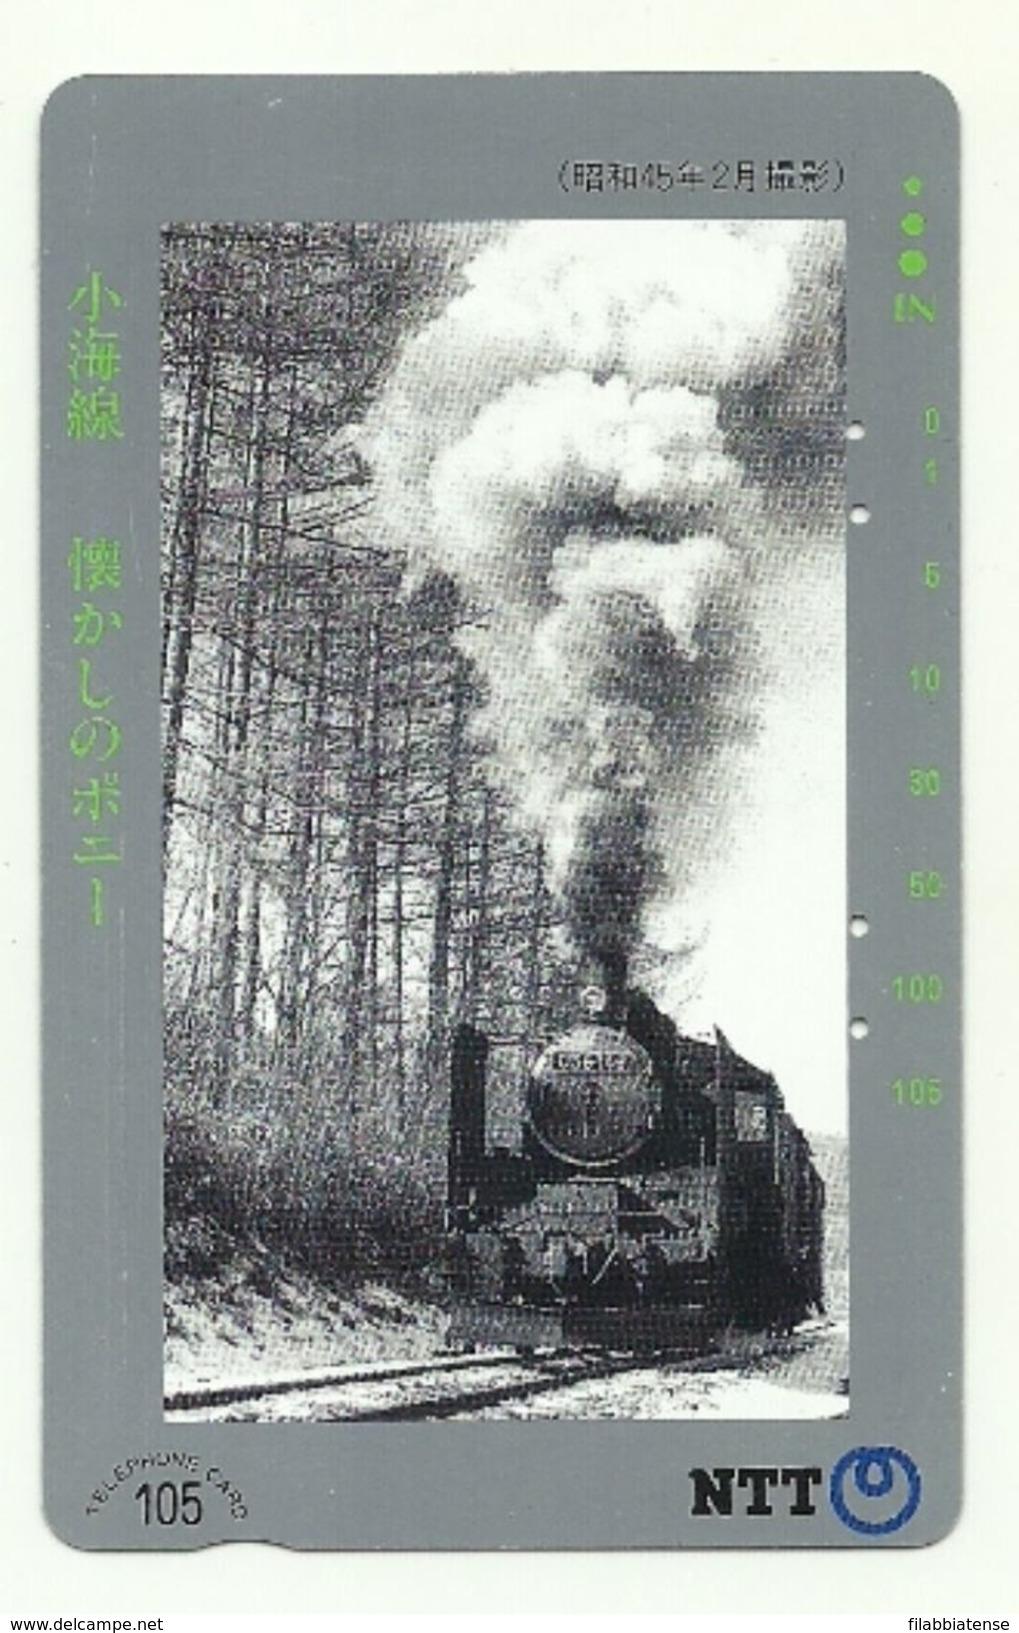 Giappone - Tessera Telefonica Da 105 Units T335 - NTT, - Treni